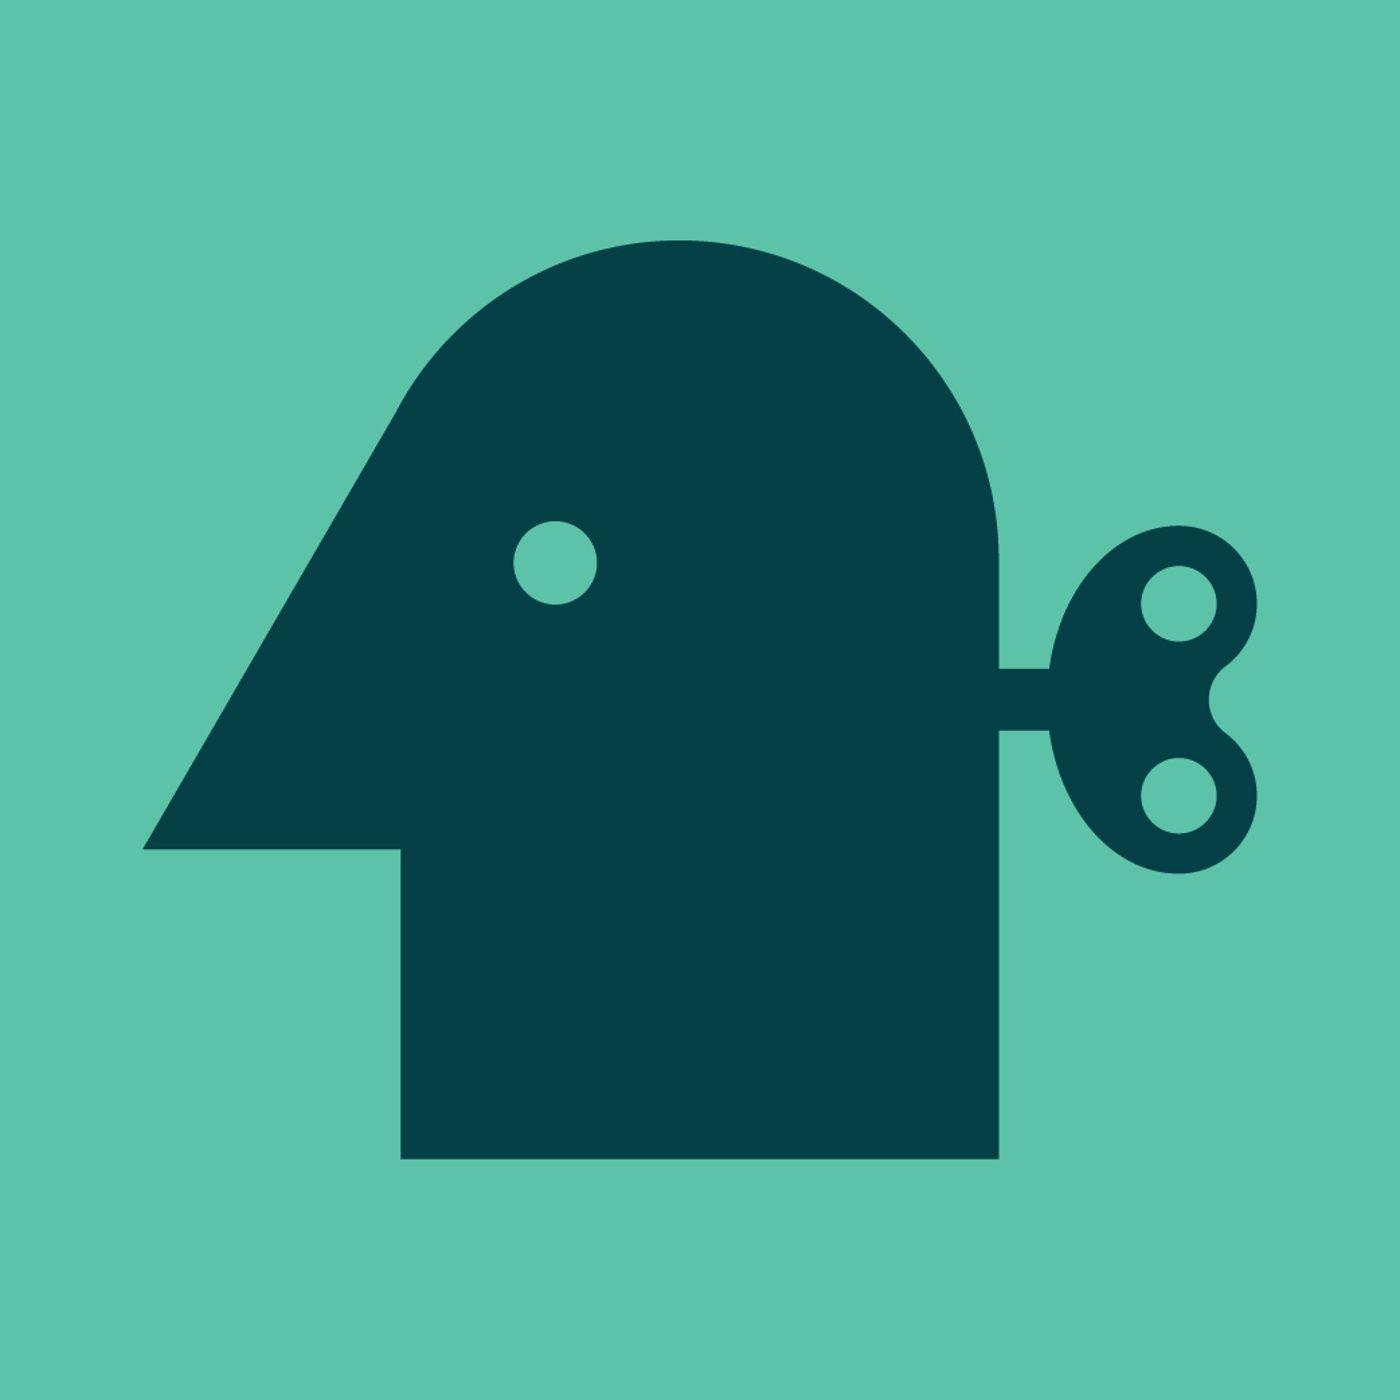 Apuntes de Psicología #18 La paradoja del incentivo